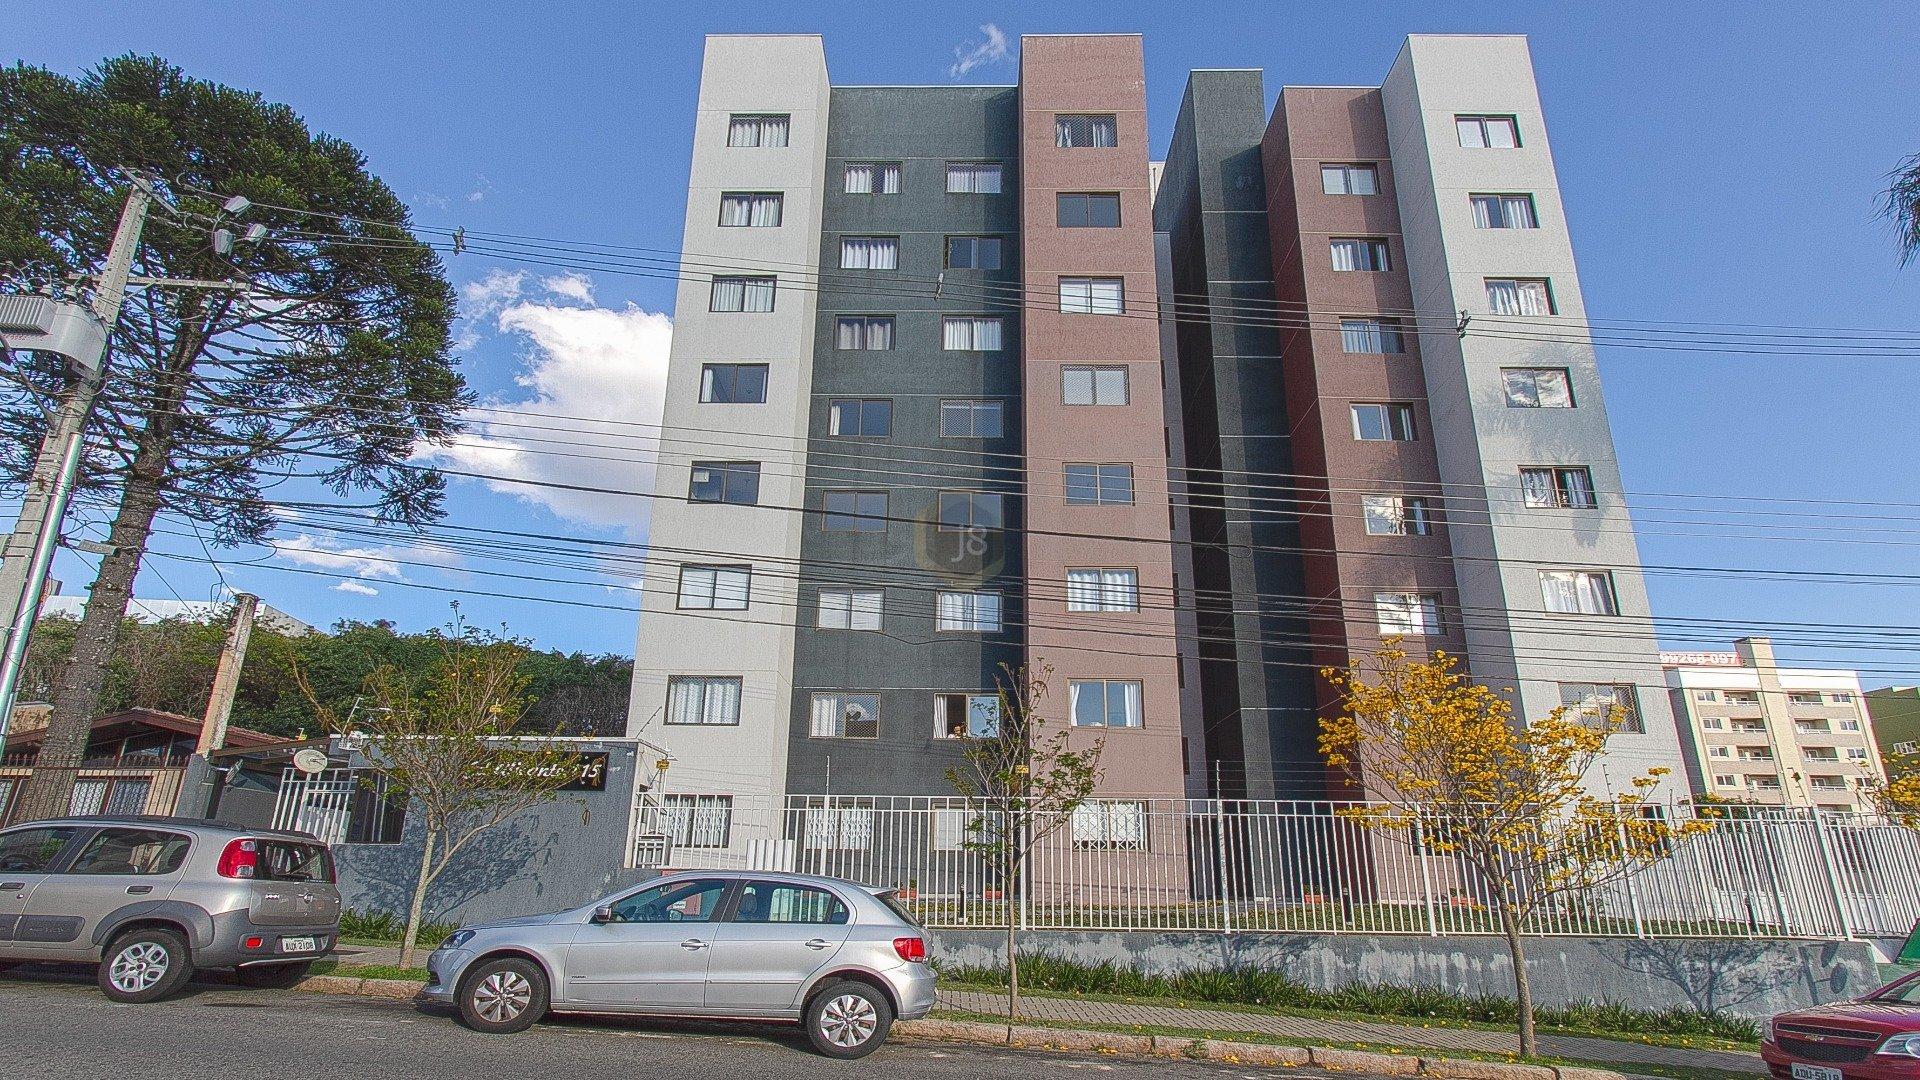 Foto de destaque Apartamento com melhor custo benefício